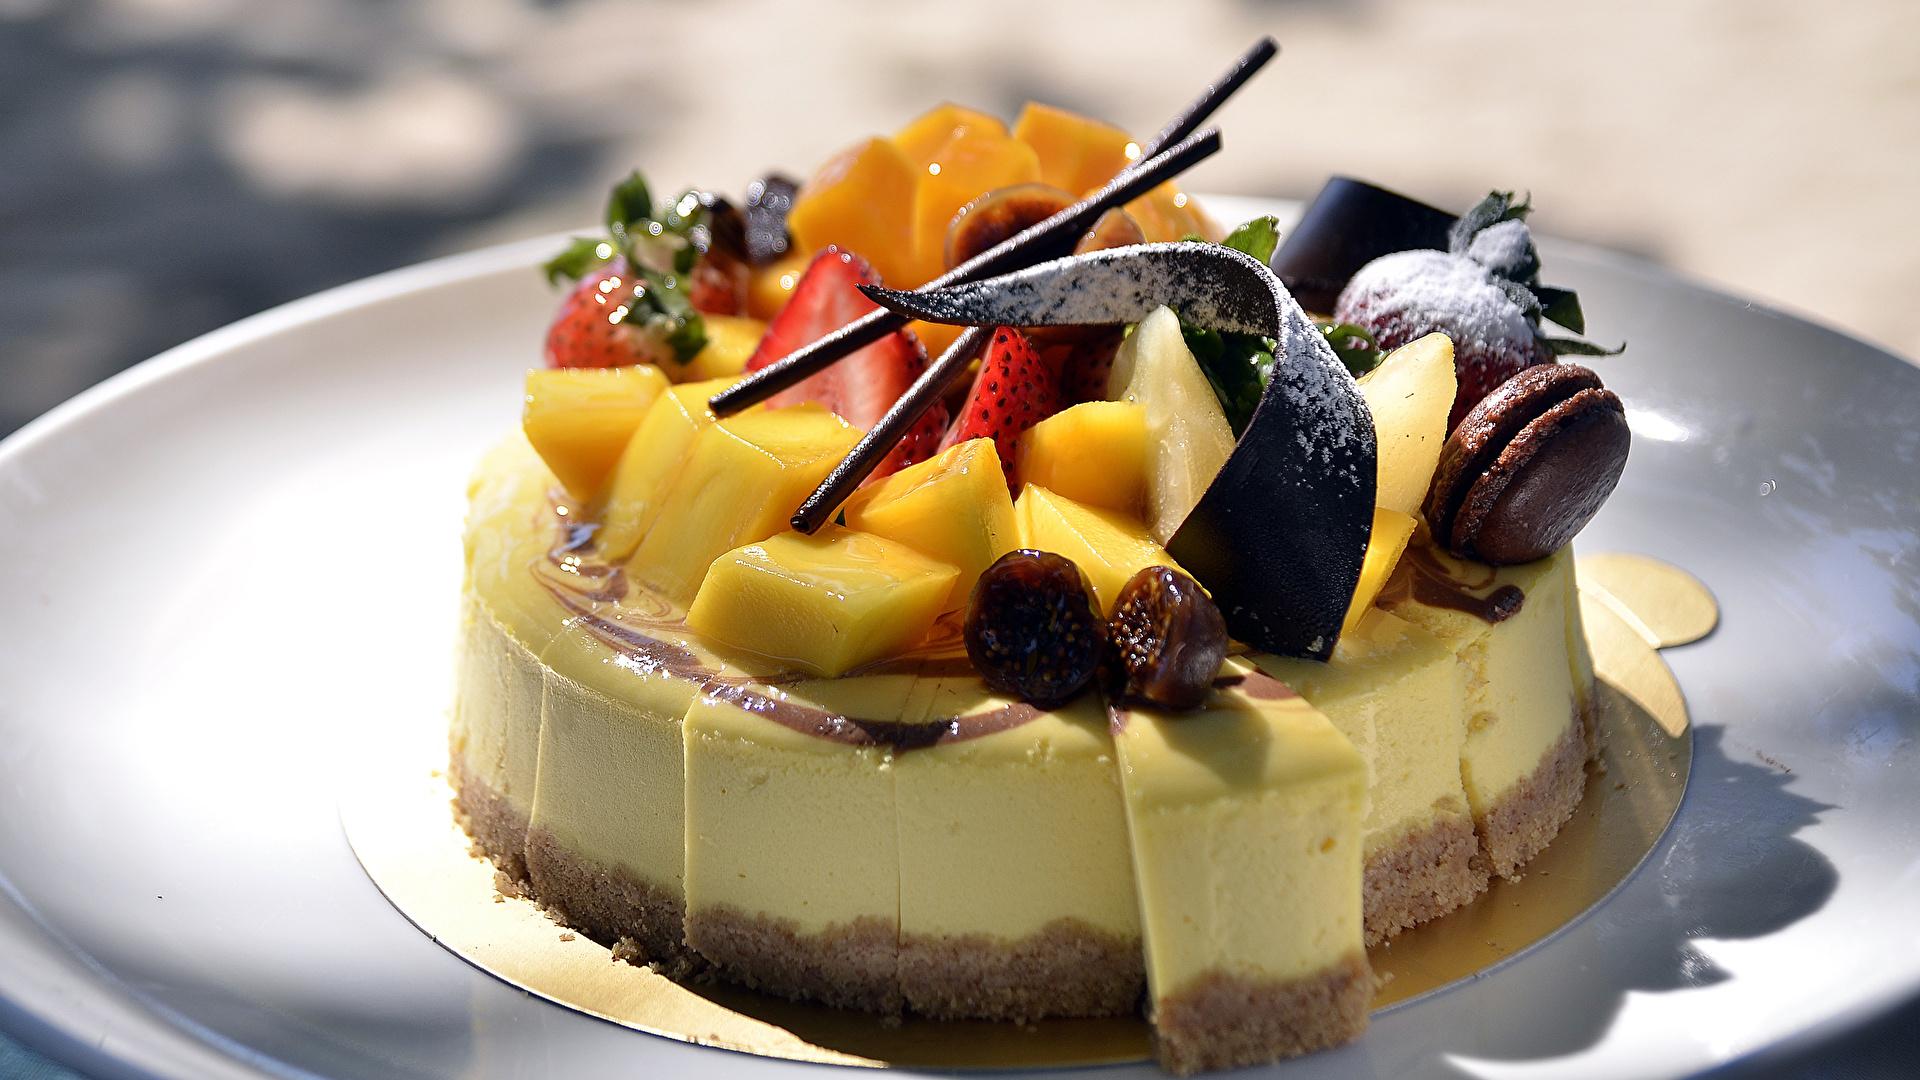 Картинка Шоколад Торты Фрукты Продукты питания Сладости 1920x1080 Еда Пища сладкая еда